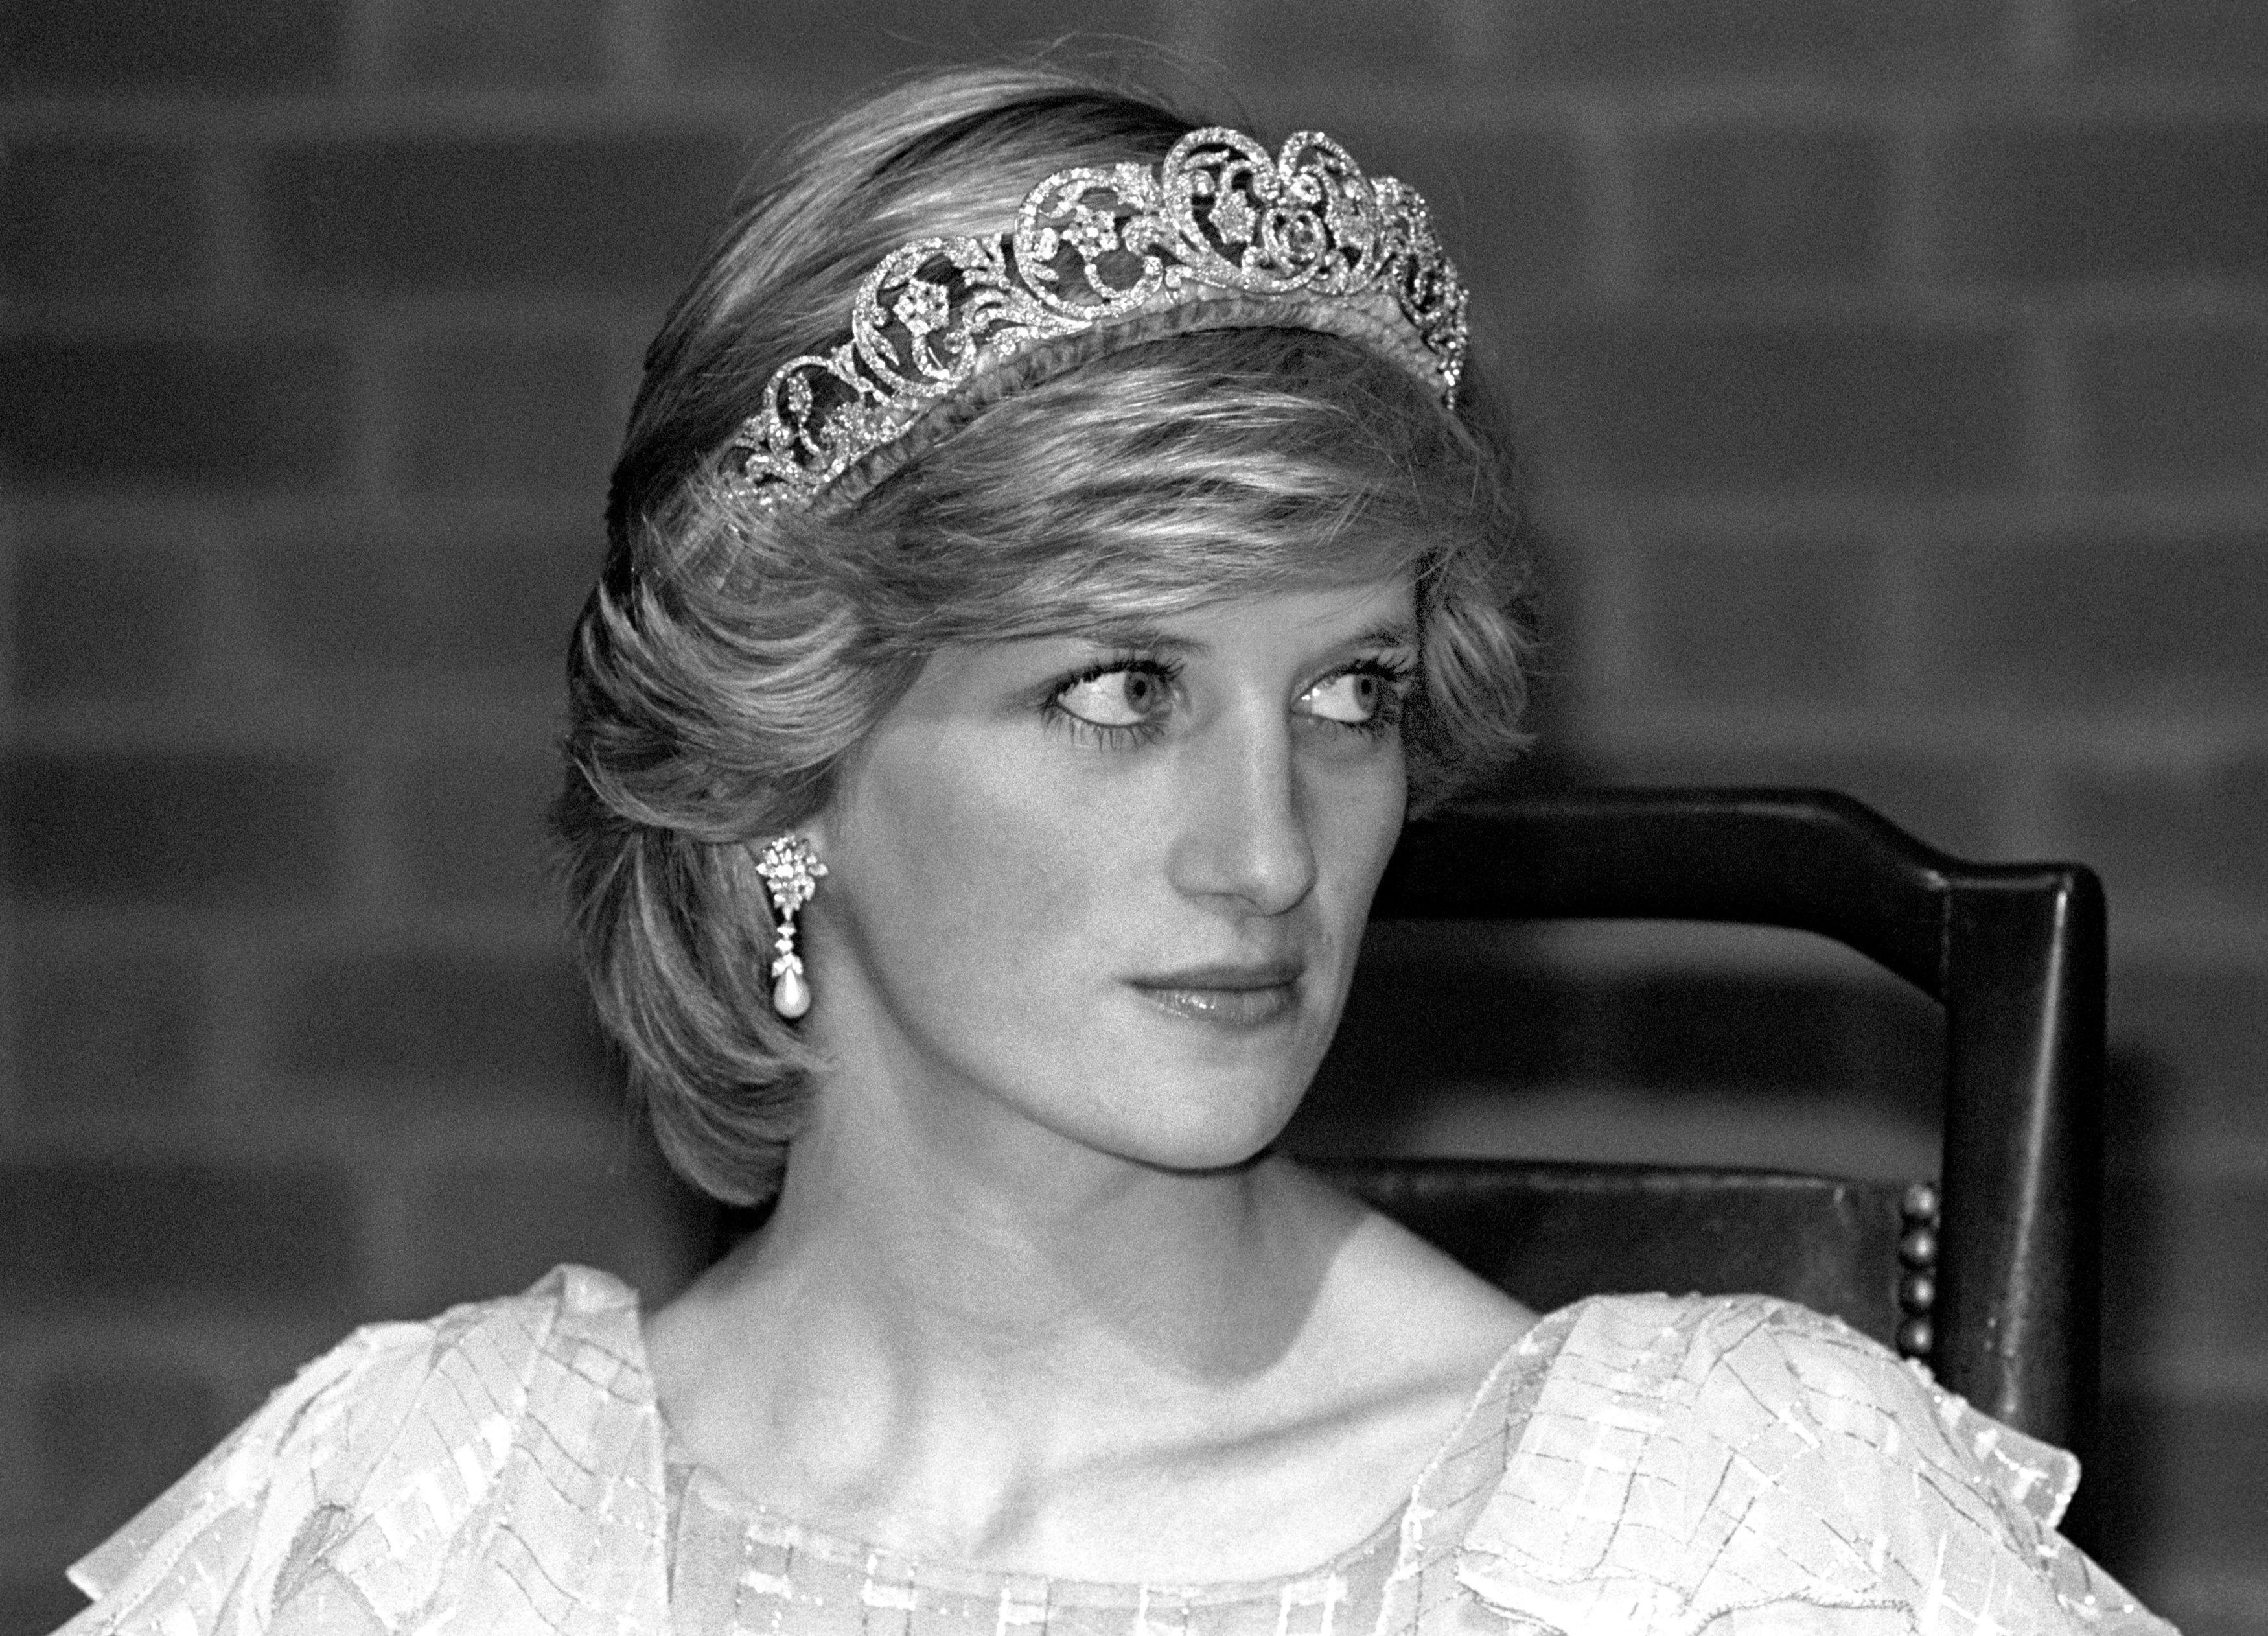 Статую принцессы Дианы уберут из английского универмага Harrods